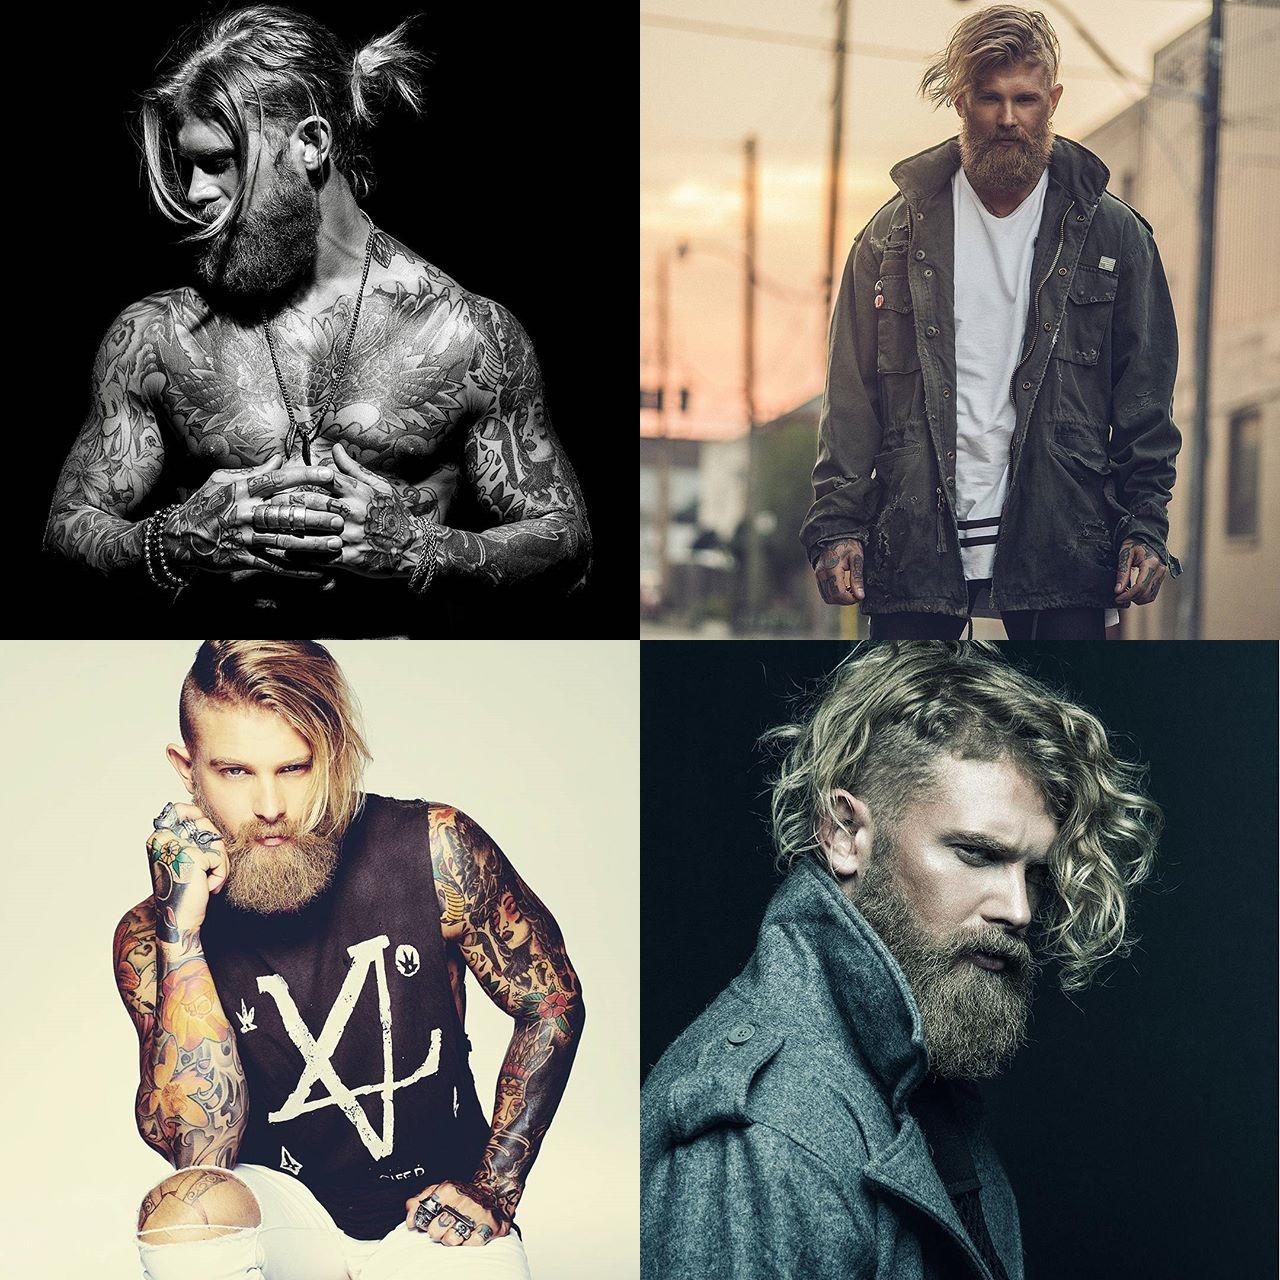 corte masculino 2016, cortes 2016, penteado 2016, cortes masculino, corte masculino, corte moderno, alex cursino, blog de moda, fashion blogger, moda sem censura, menswear, estilo masculino, 6